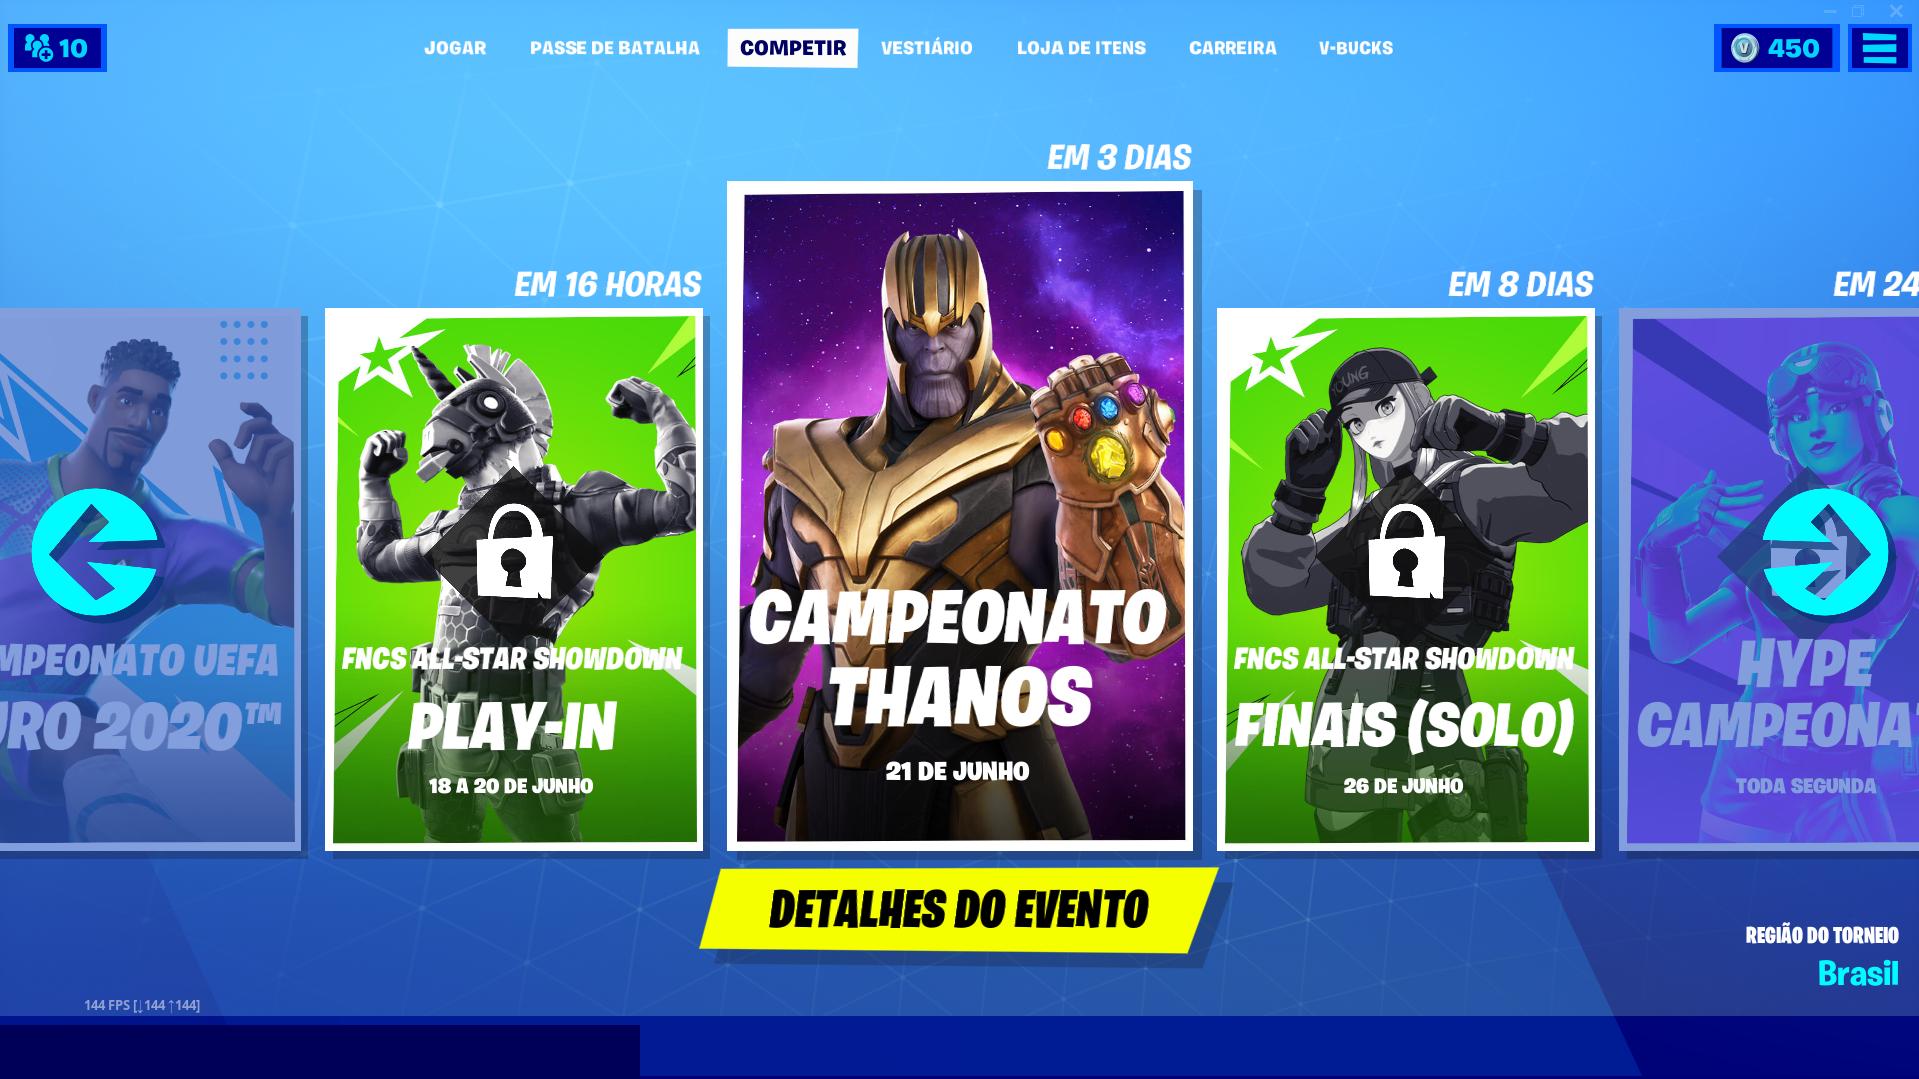 Fortnite Campeonato Thanos